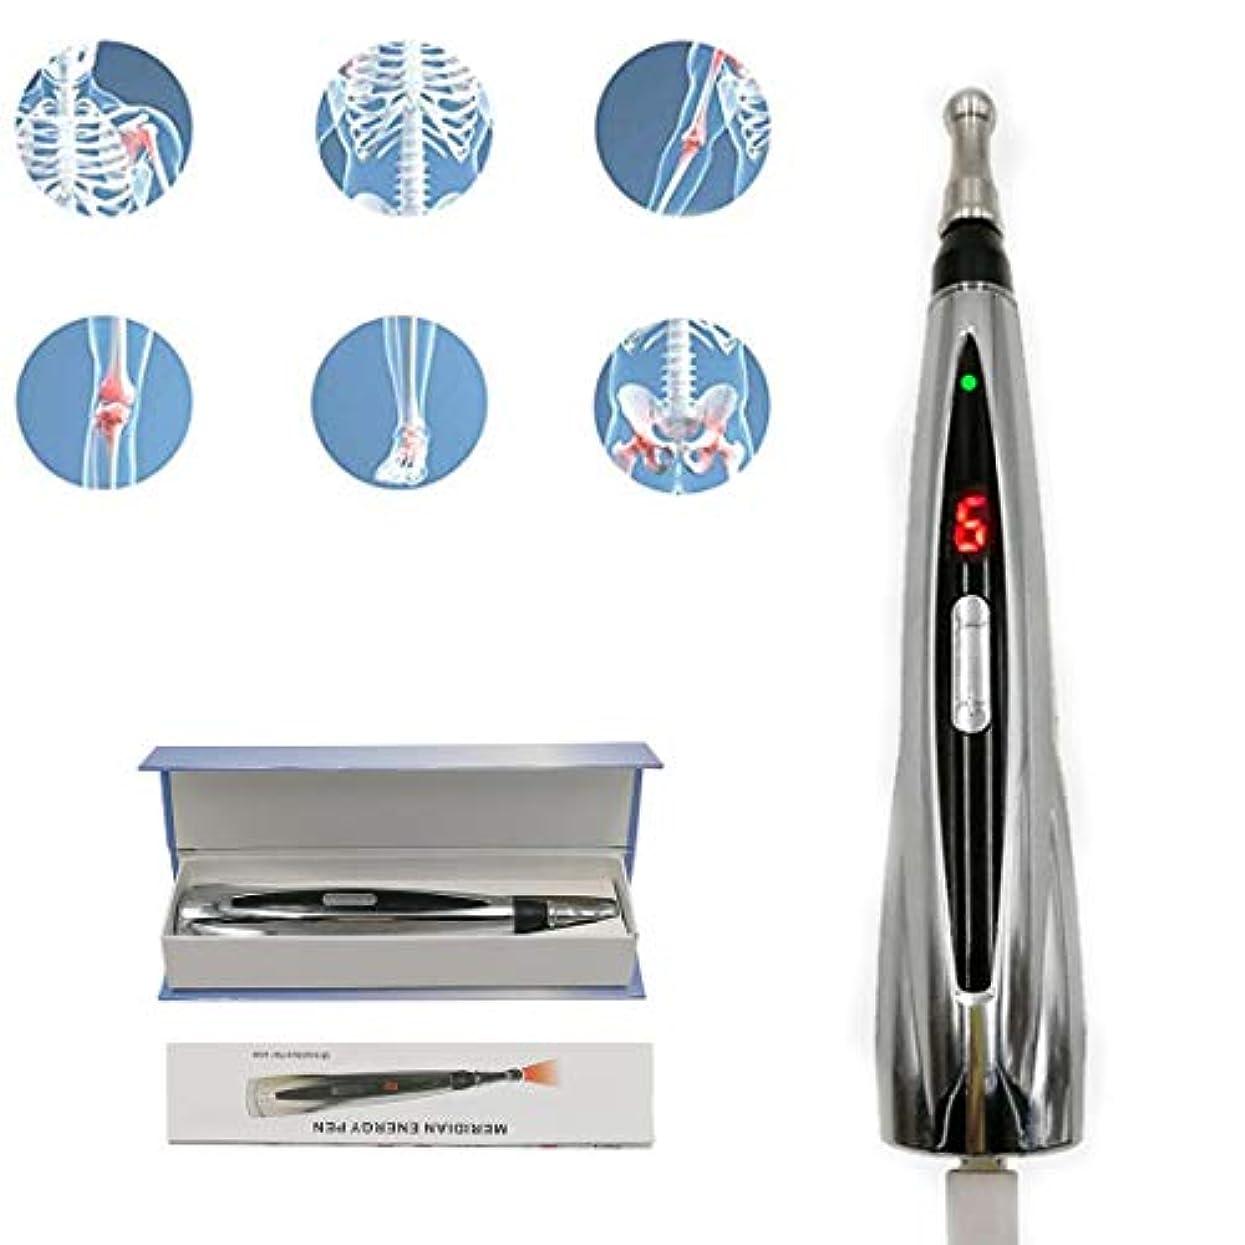 浴室耐える闇レーザーメリディアンペン、鍼治療用のUSB充電メリディアンペン痛みのポイント痛みのストレス緩和のために調整可能な9種類の力17.5cm * 3cmシルバー